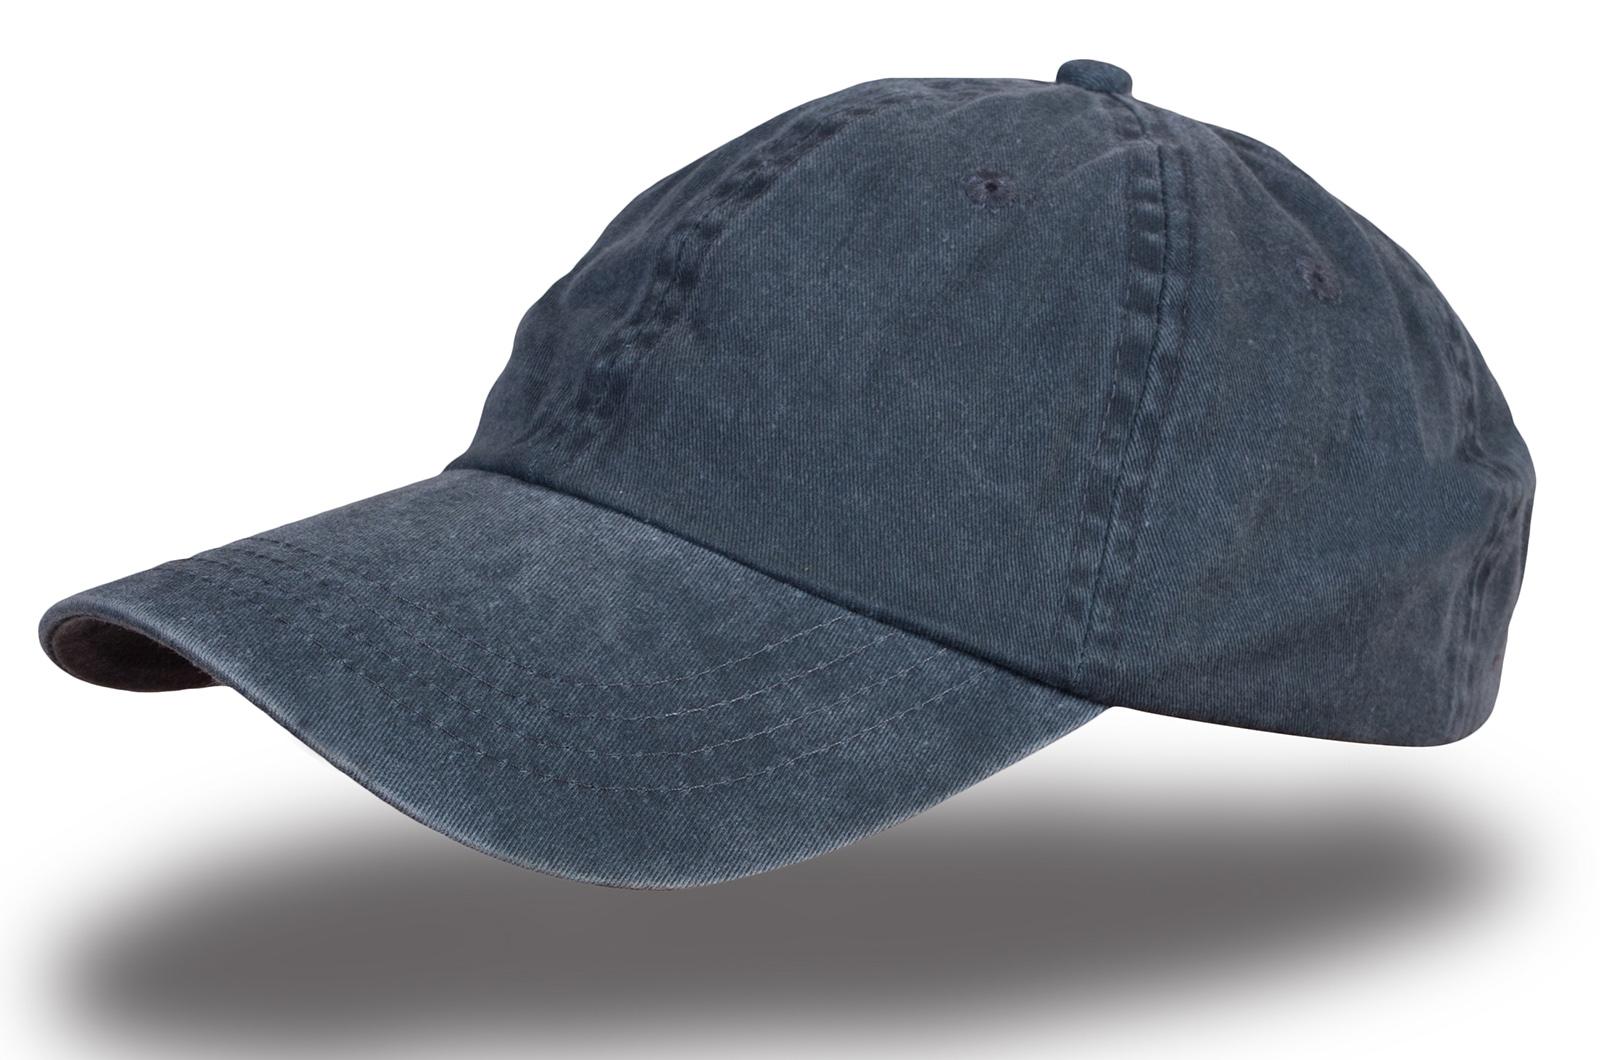 Кепка меланж синяя - купить в интернет-магазине с доставкой